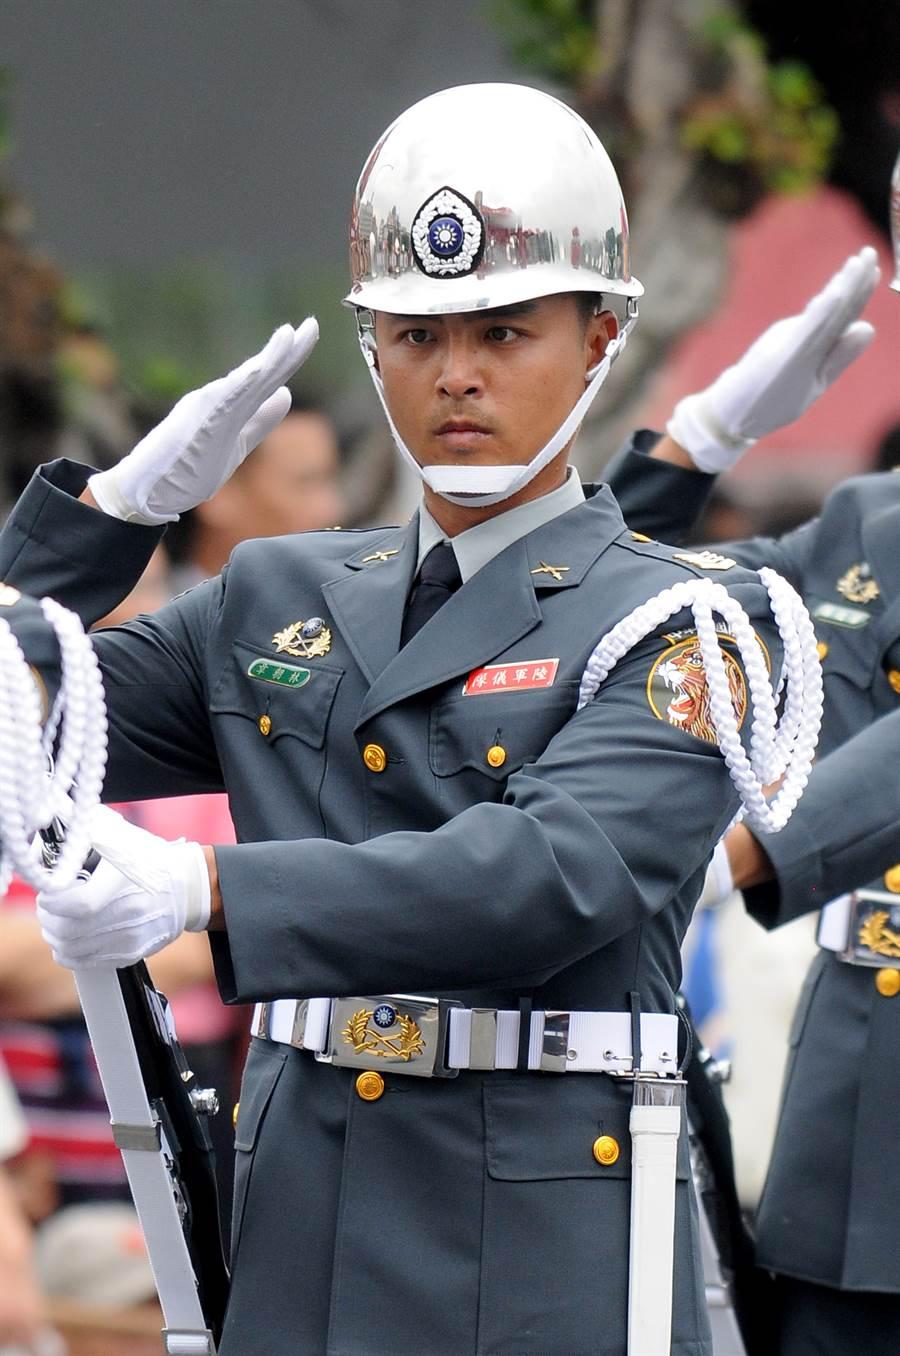 明道的儀態及各種操槍動作到位,成為2012年的國慶三軍儀隊演出亮點。(圖/本報系資料照片)